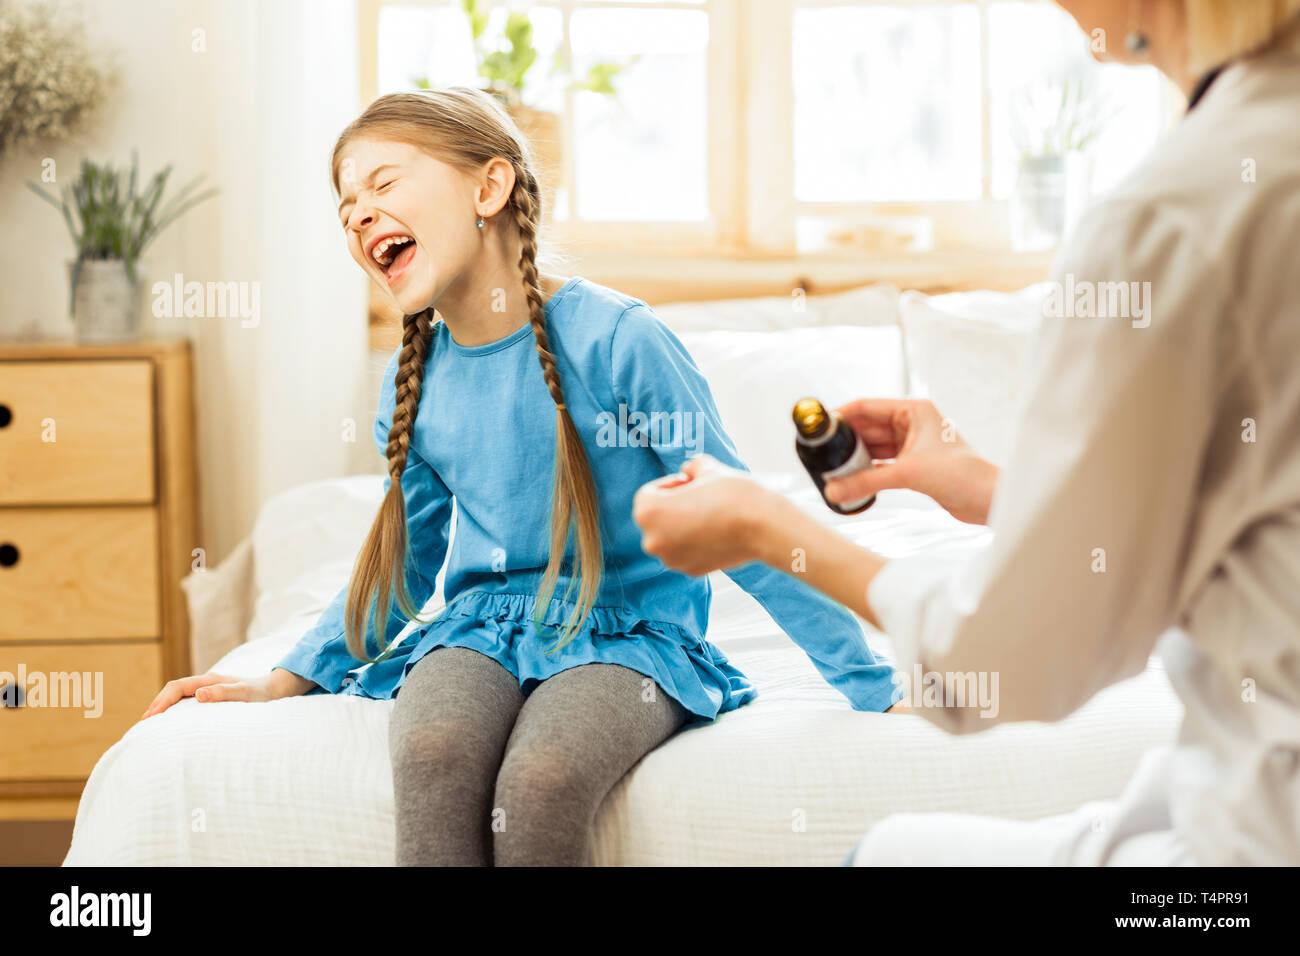 Verweigerung der Medizin zu nehmen. Wenig krank , langhaarige Mädchen im Krankenhaus das Kreischen und die Ablehnung eines Arzneimittels durch einen Arzt in Anspruch zu nehmen Stockbild